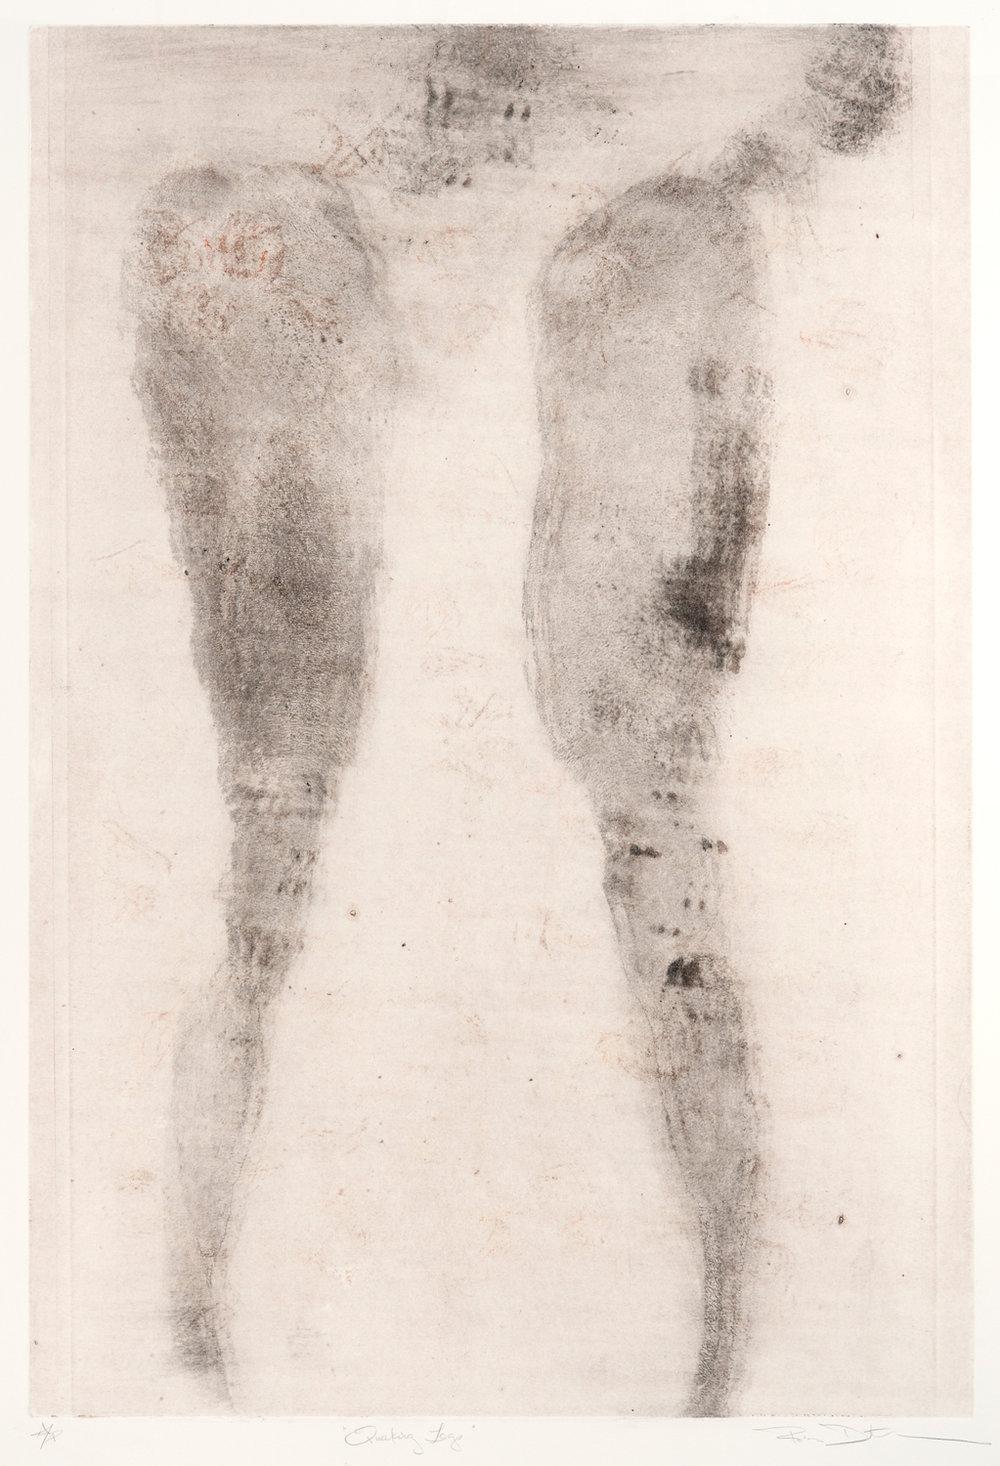 Quaking Legs